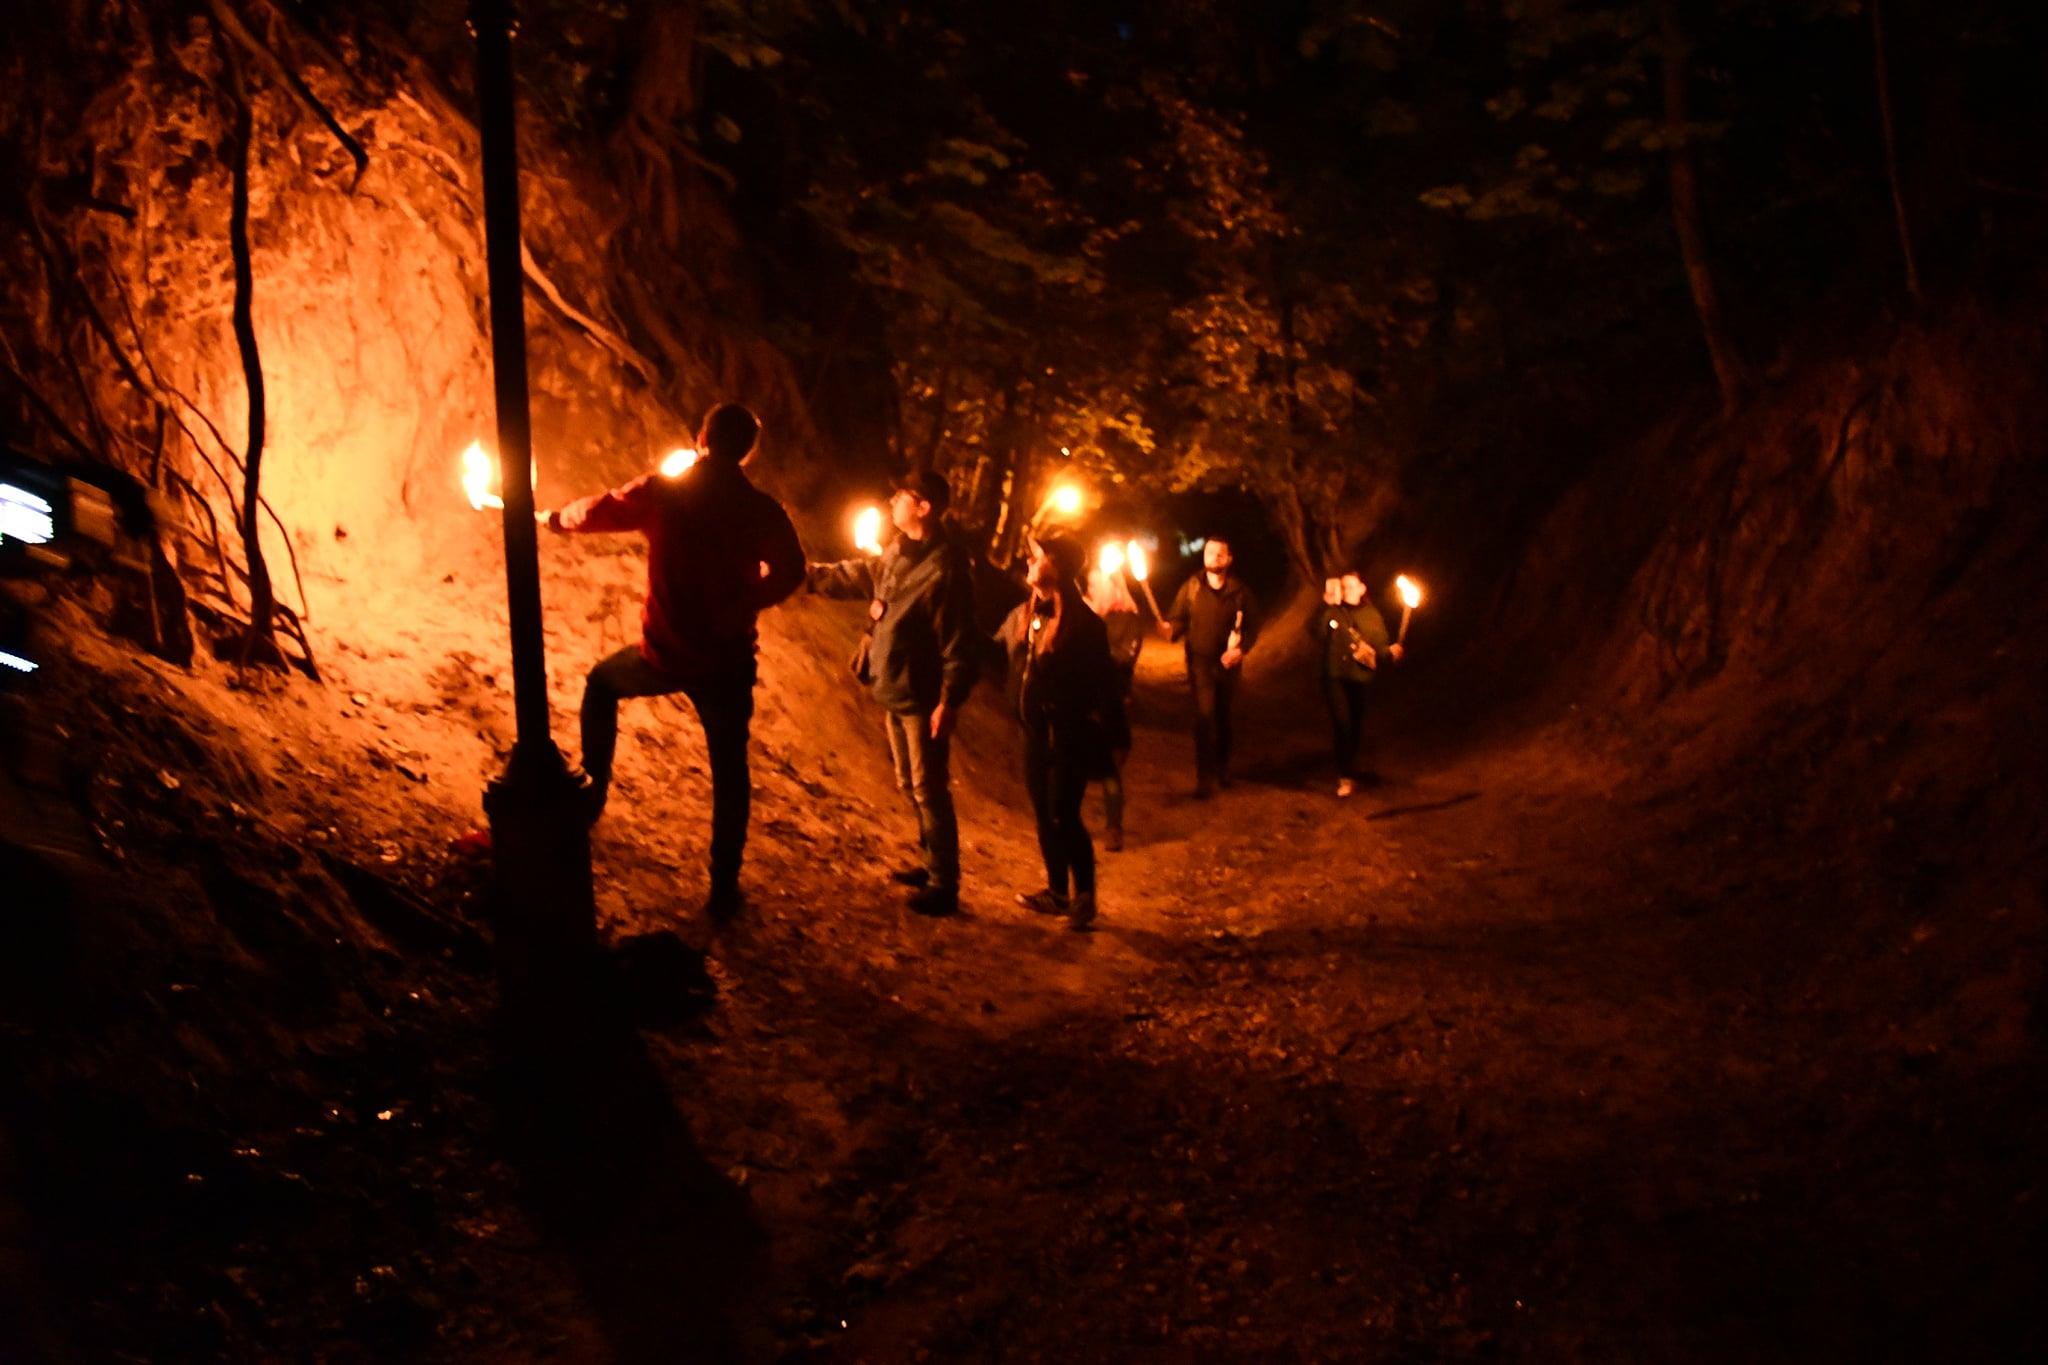 Nocne zwiedzanie Sandomierza